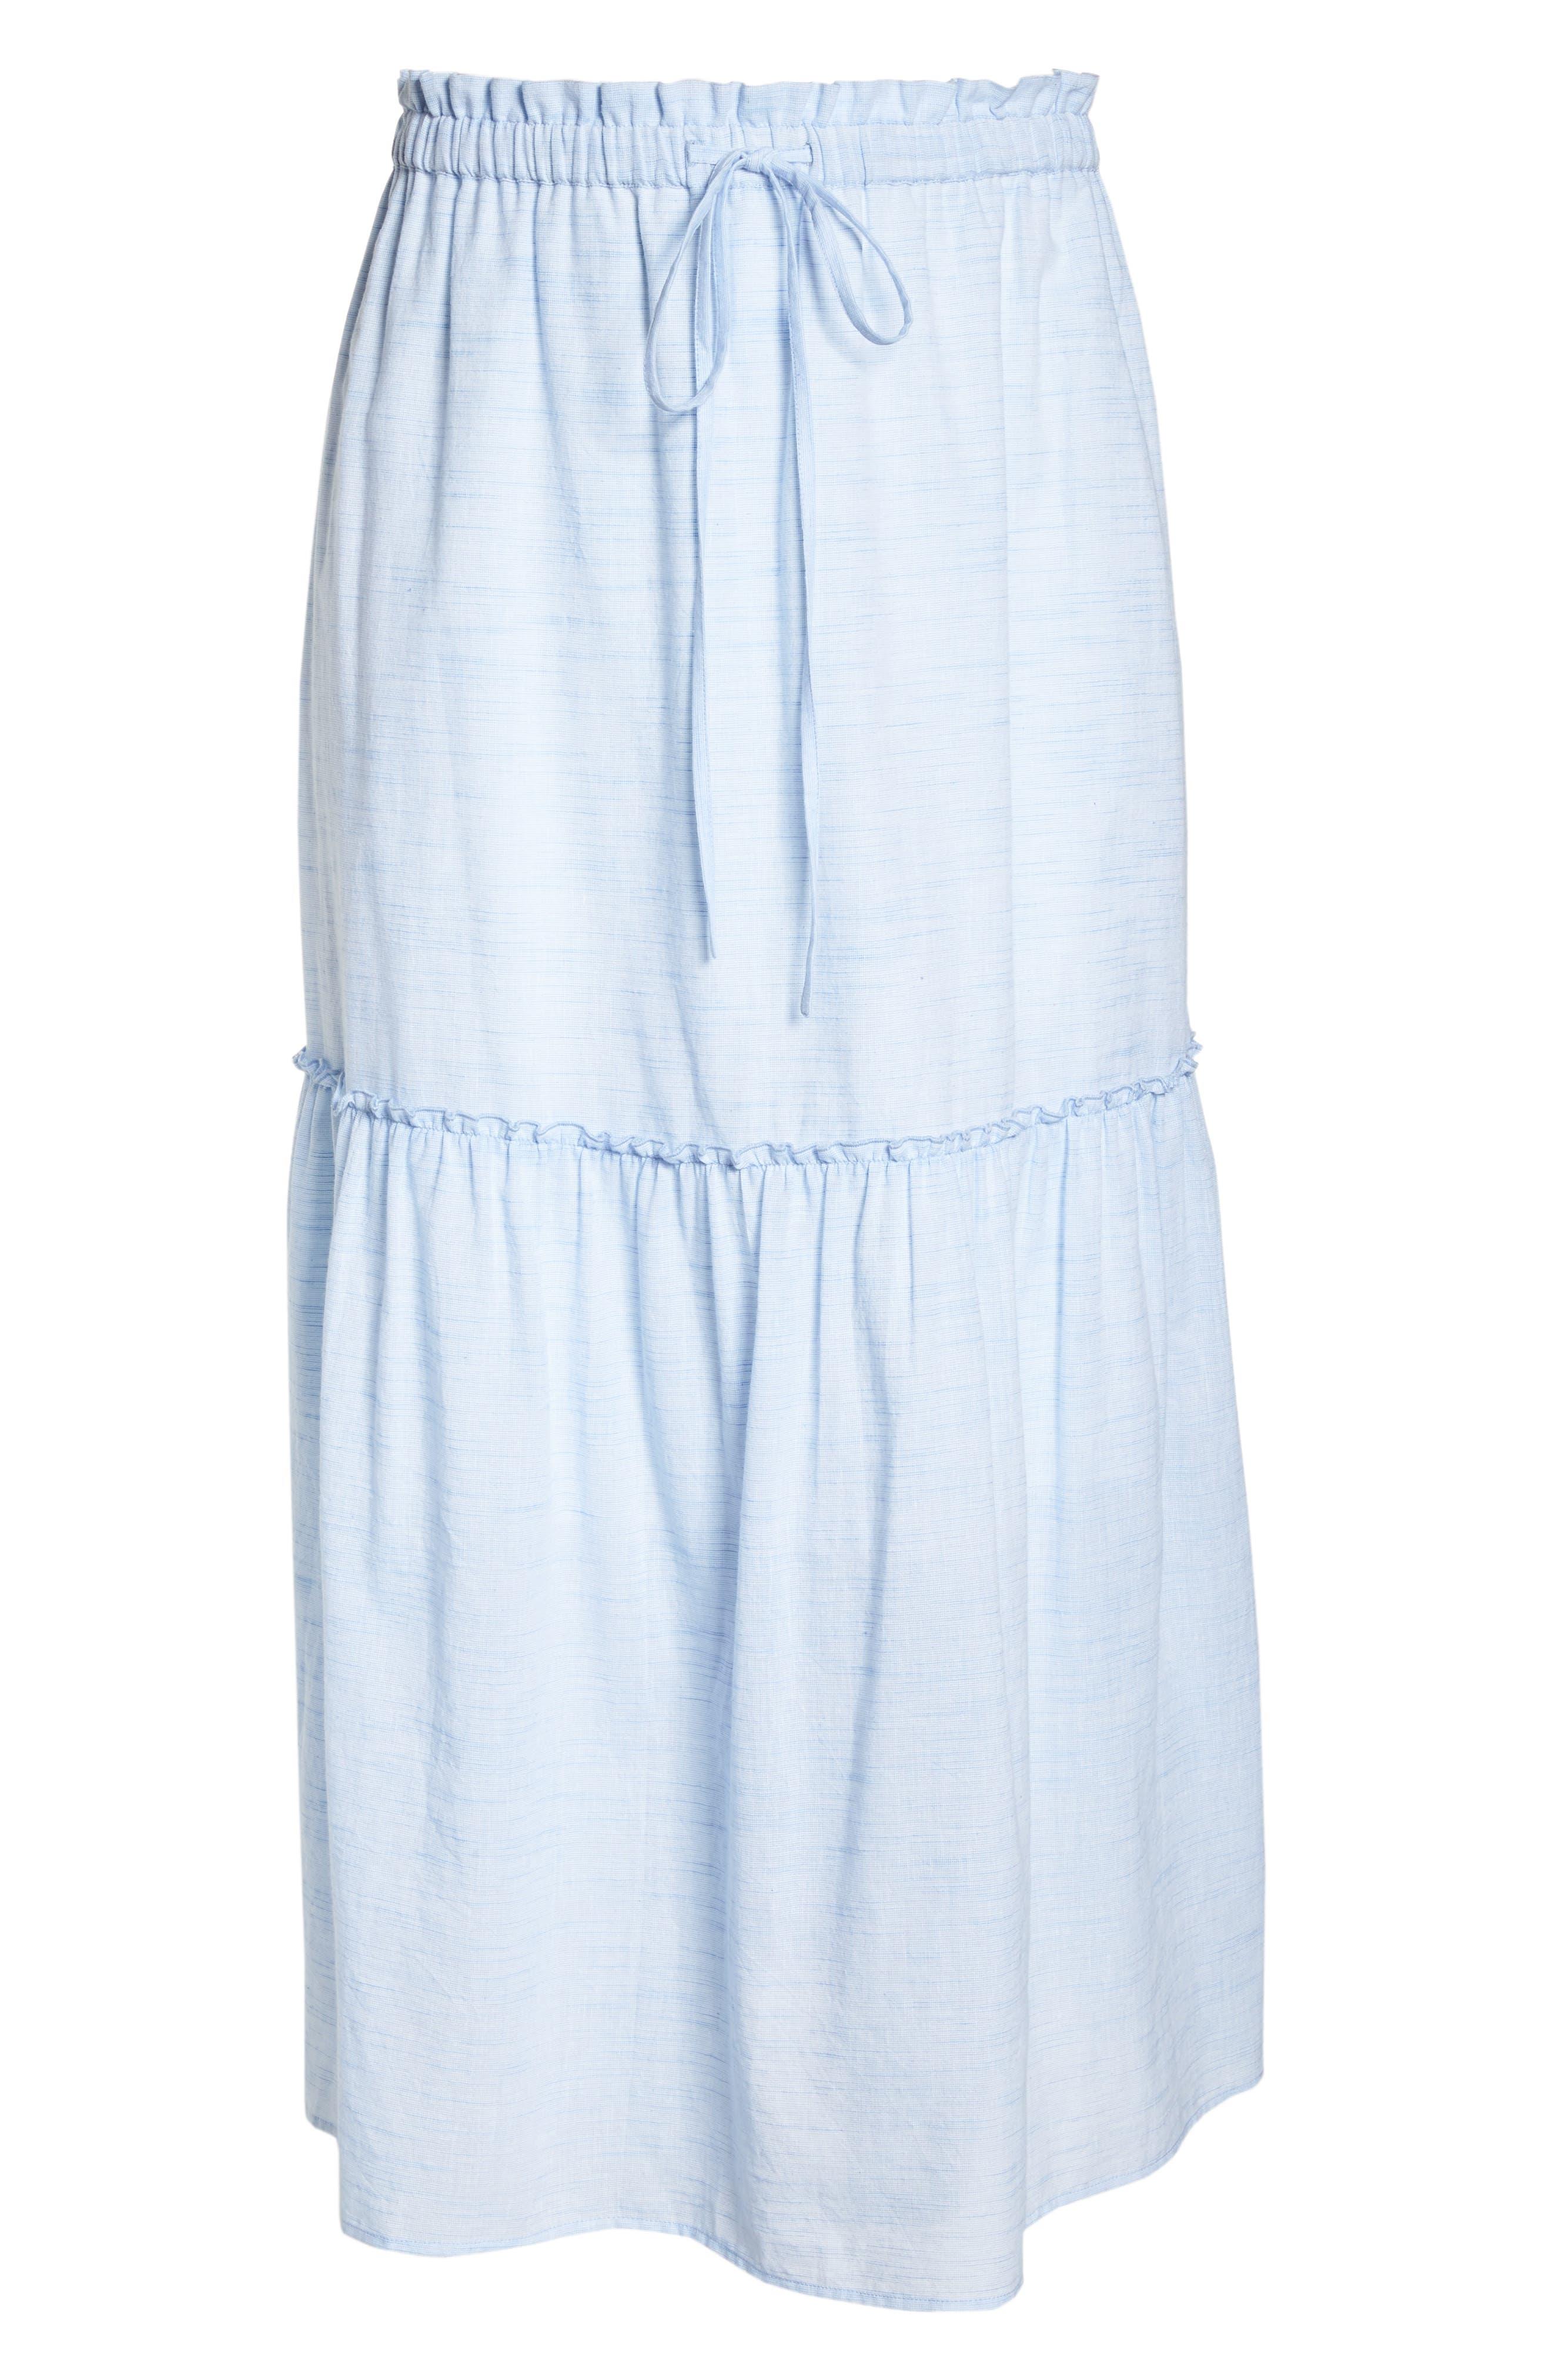 Ruffle Hem Maxi Skirt,                             Alternate thumbnail 6, color,                             Blue- White Pattern